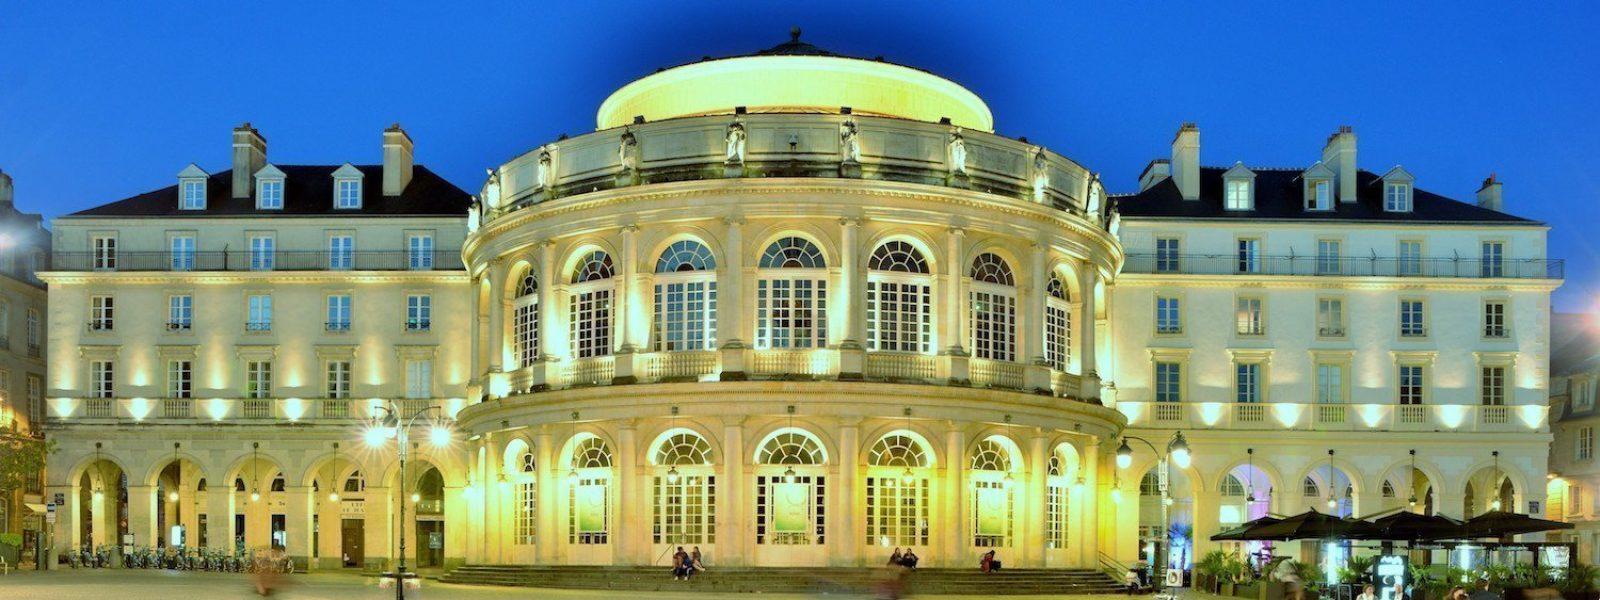 L'opéra de Rennes